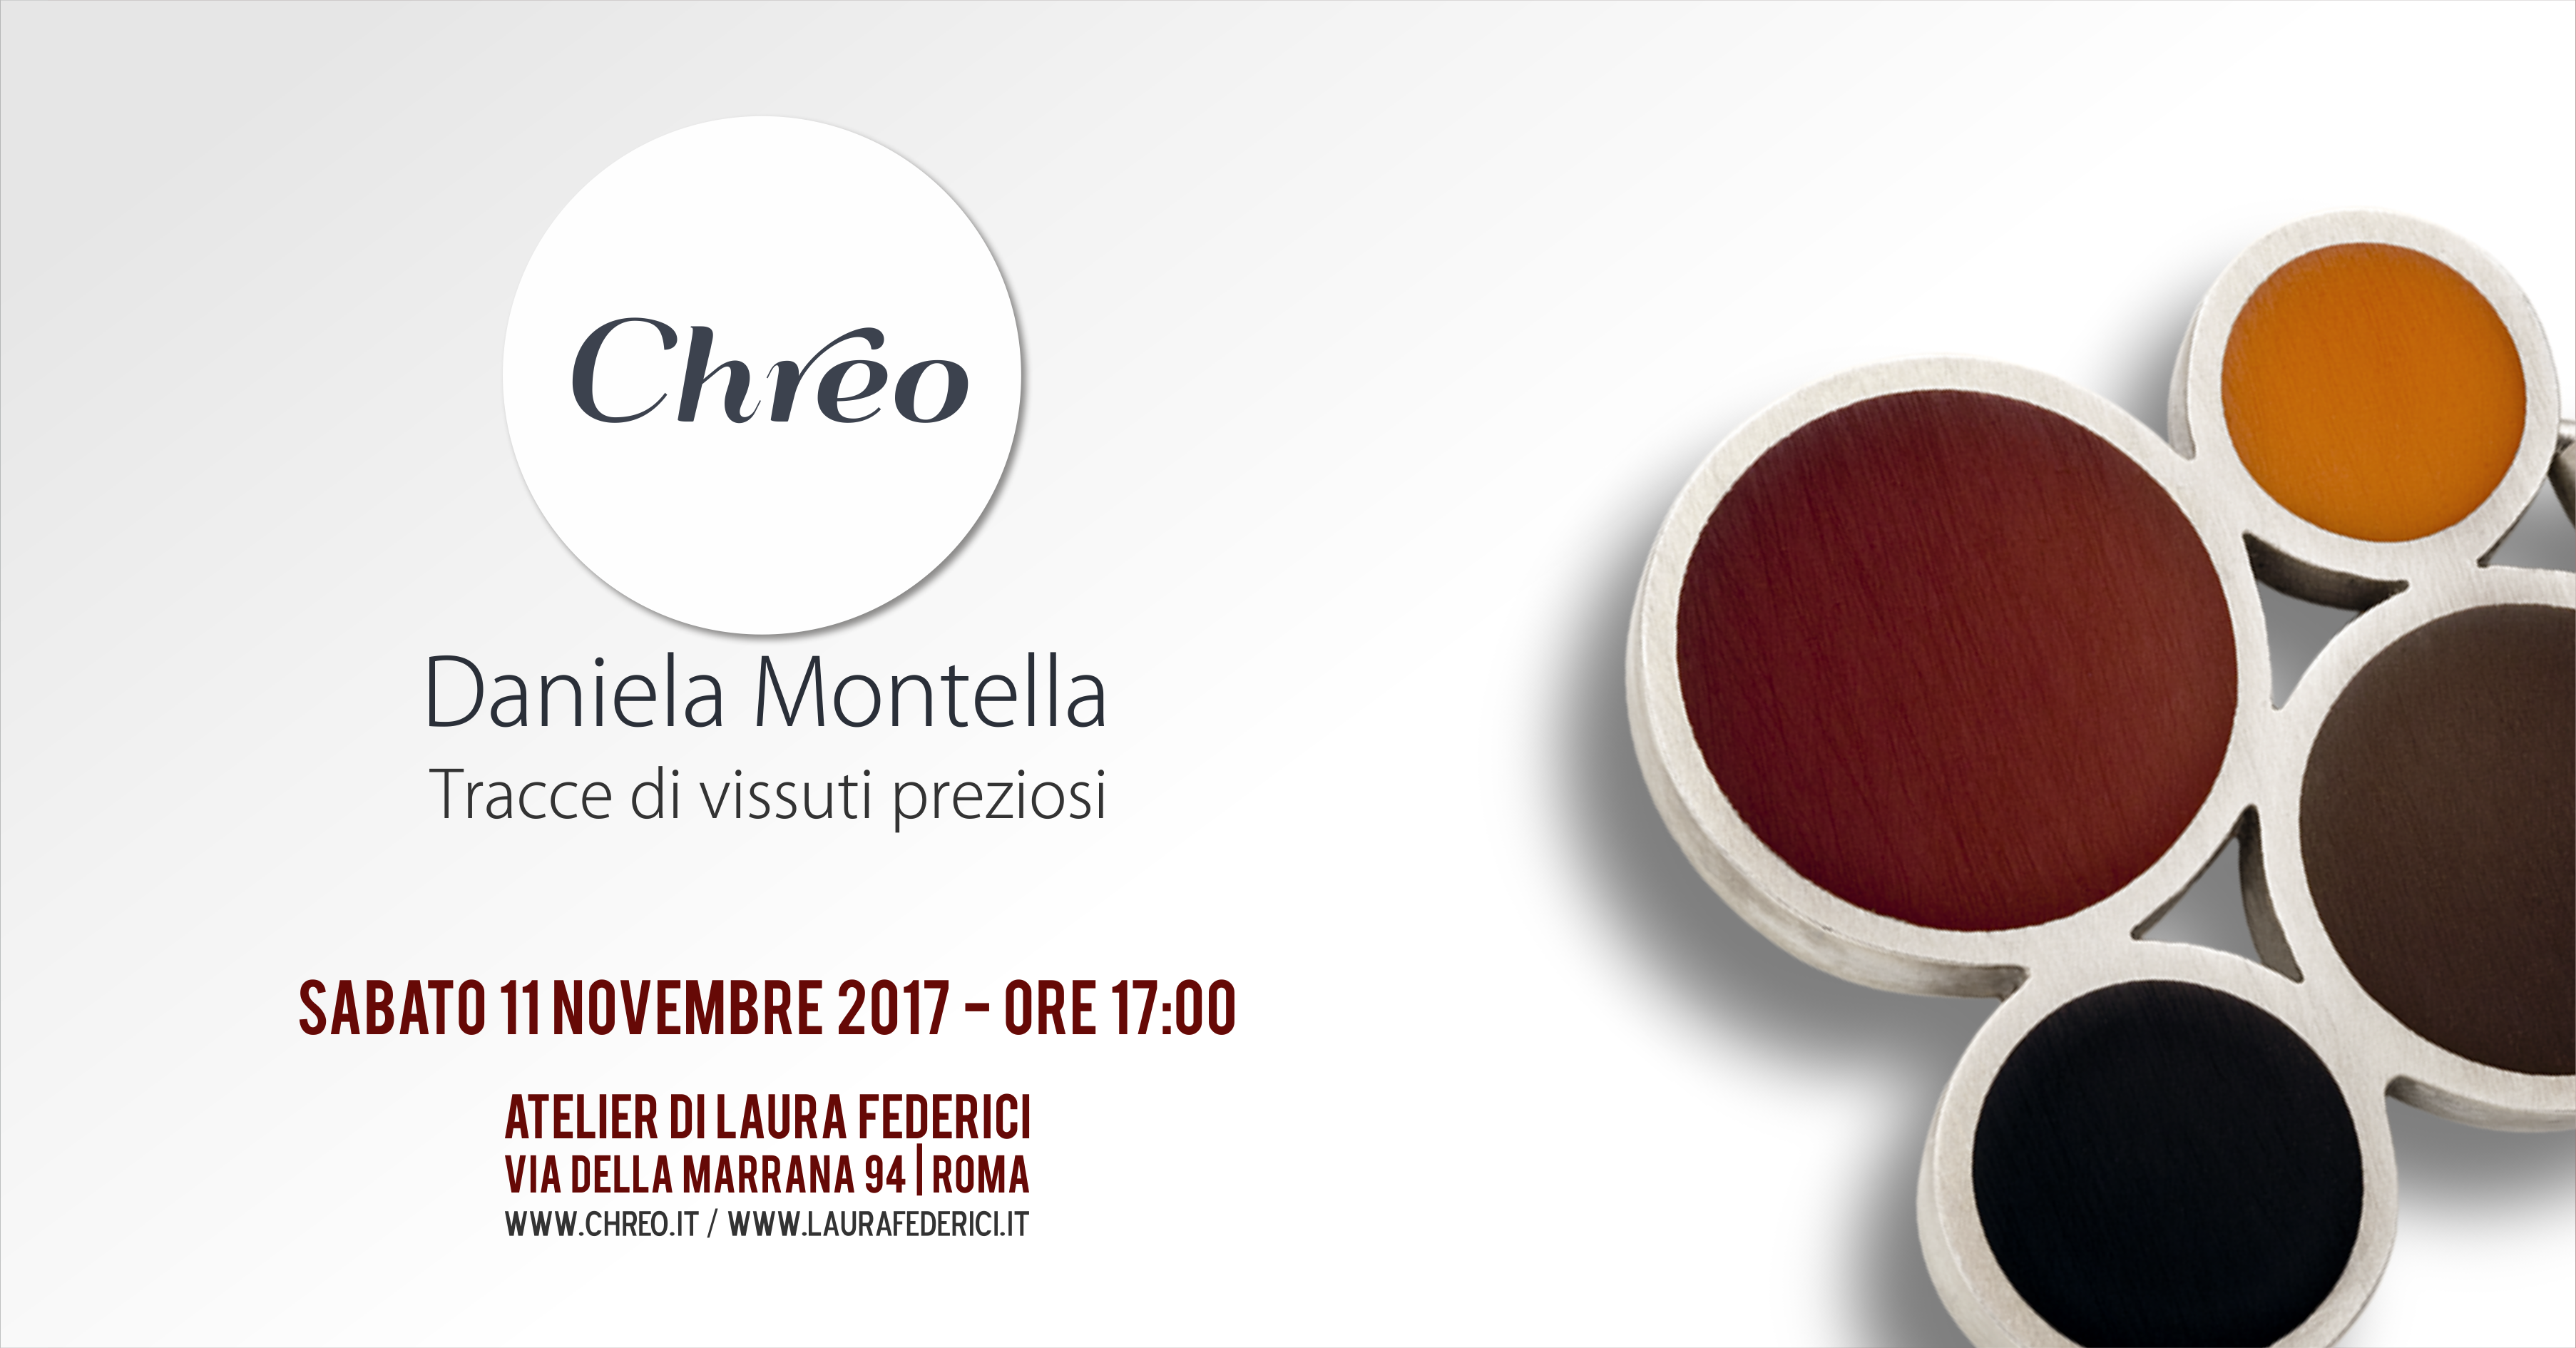 federici-montella-11 novembre 2017-copertina